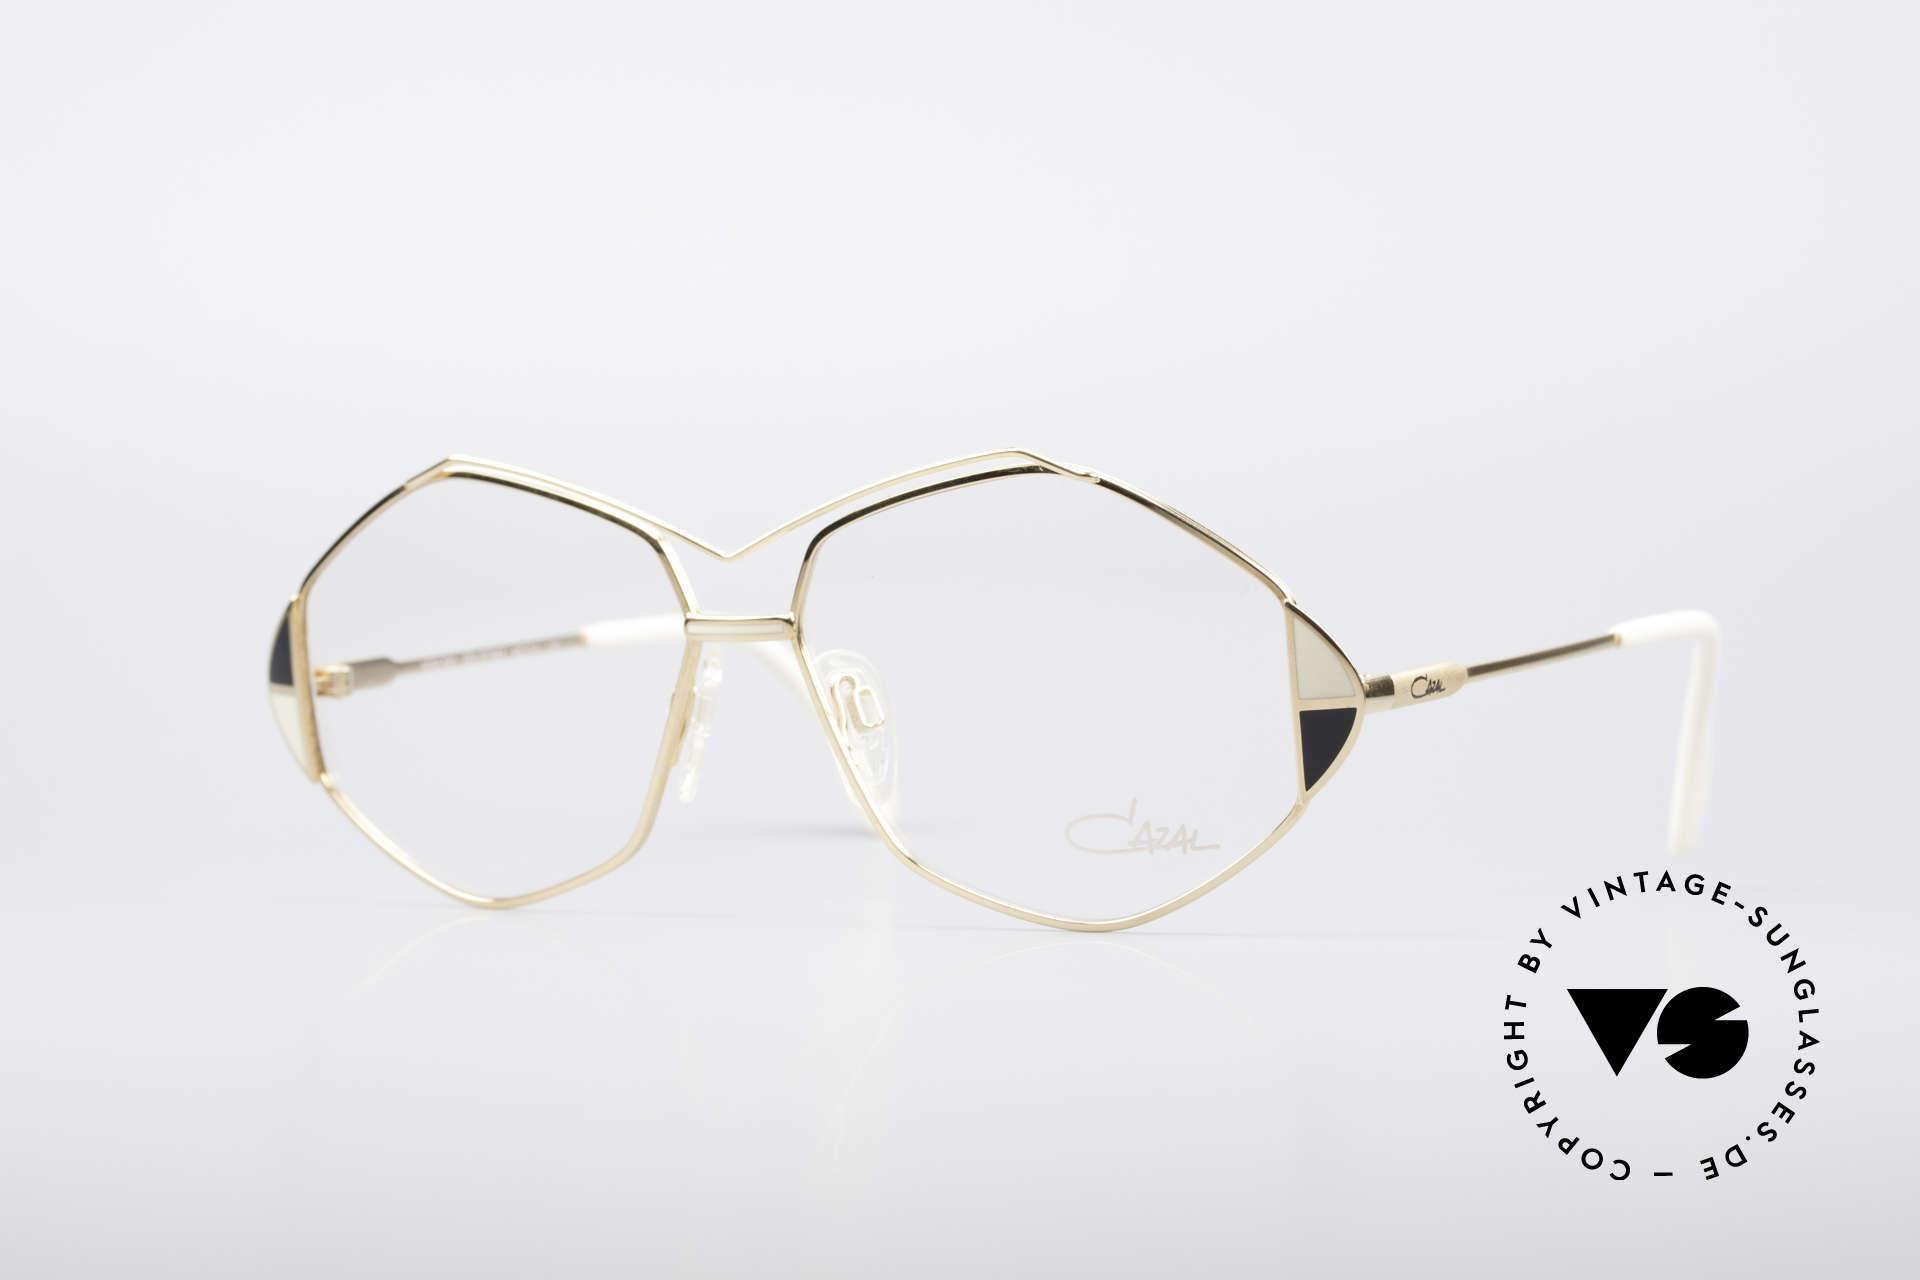 Cazal 233 Vintage West Germany Brille, außergewöhnliche Cazal Brille von ca. 1989/1990, Passend für Damen